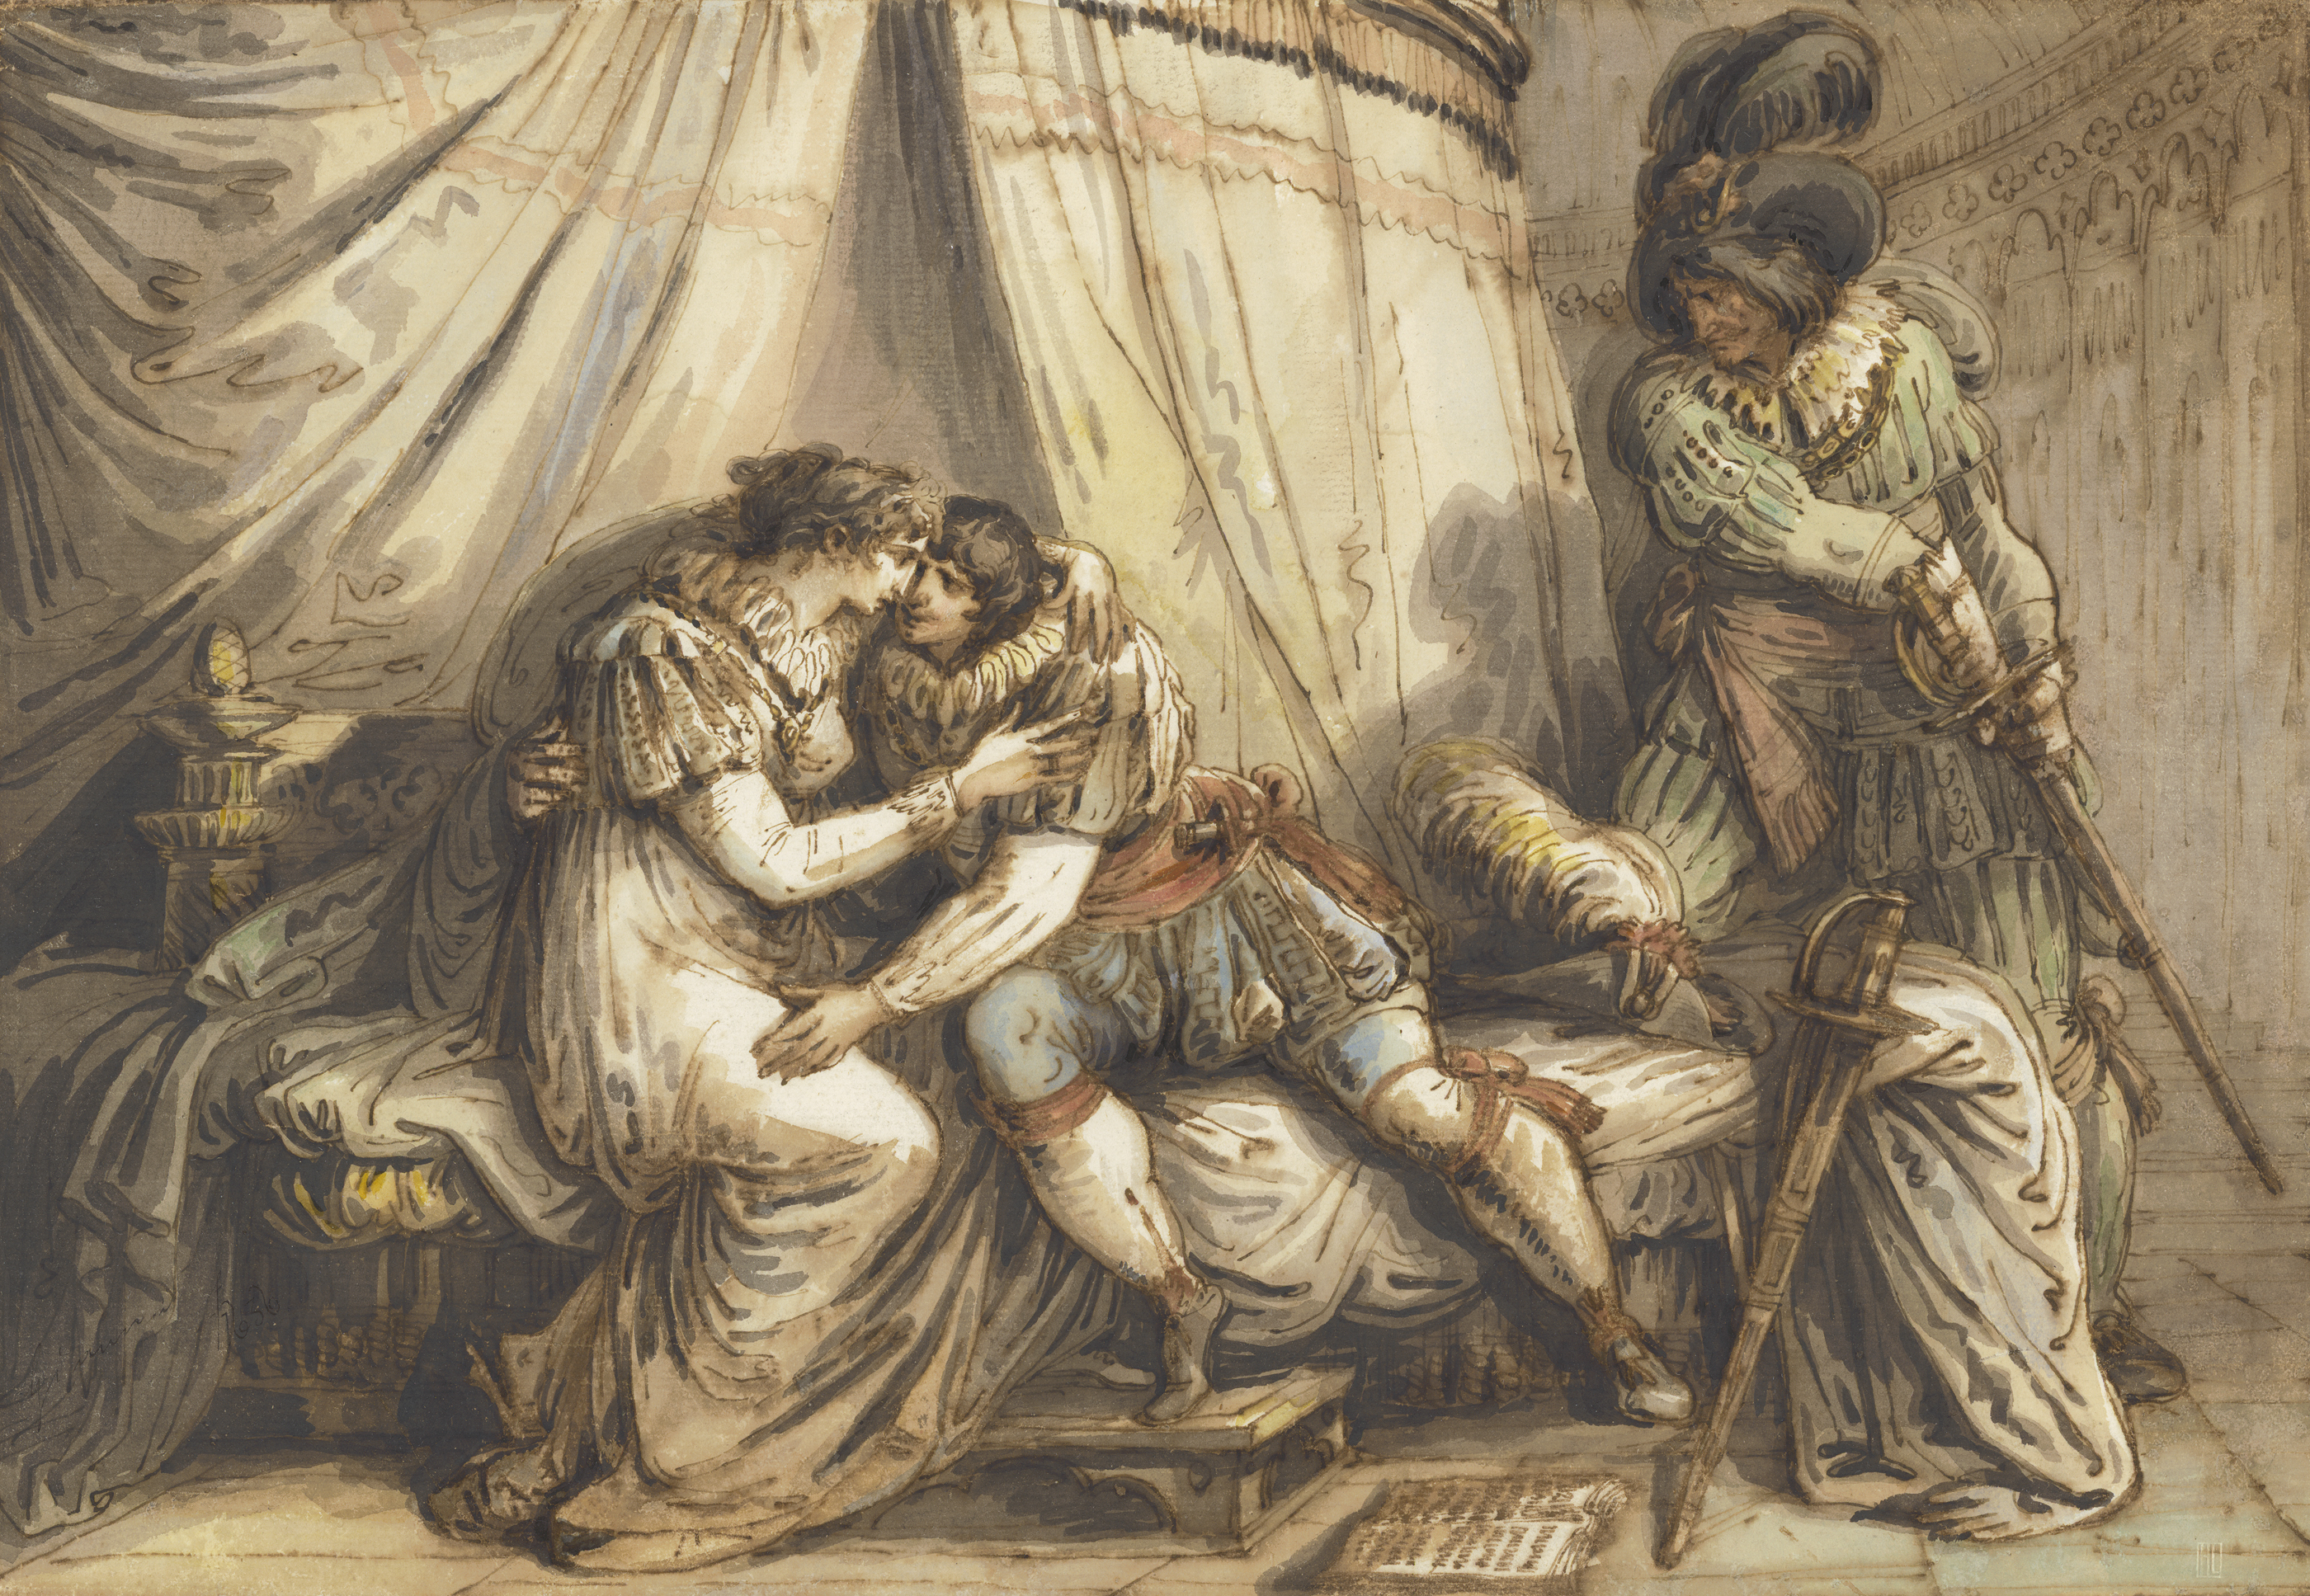 Felice Giani (1758-1823): Paolo und Francesca überrascht von Gianciotto Malatesta, 1805  © Hamburger Kunsthalle, Kupferstichkabinett